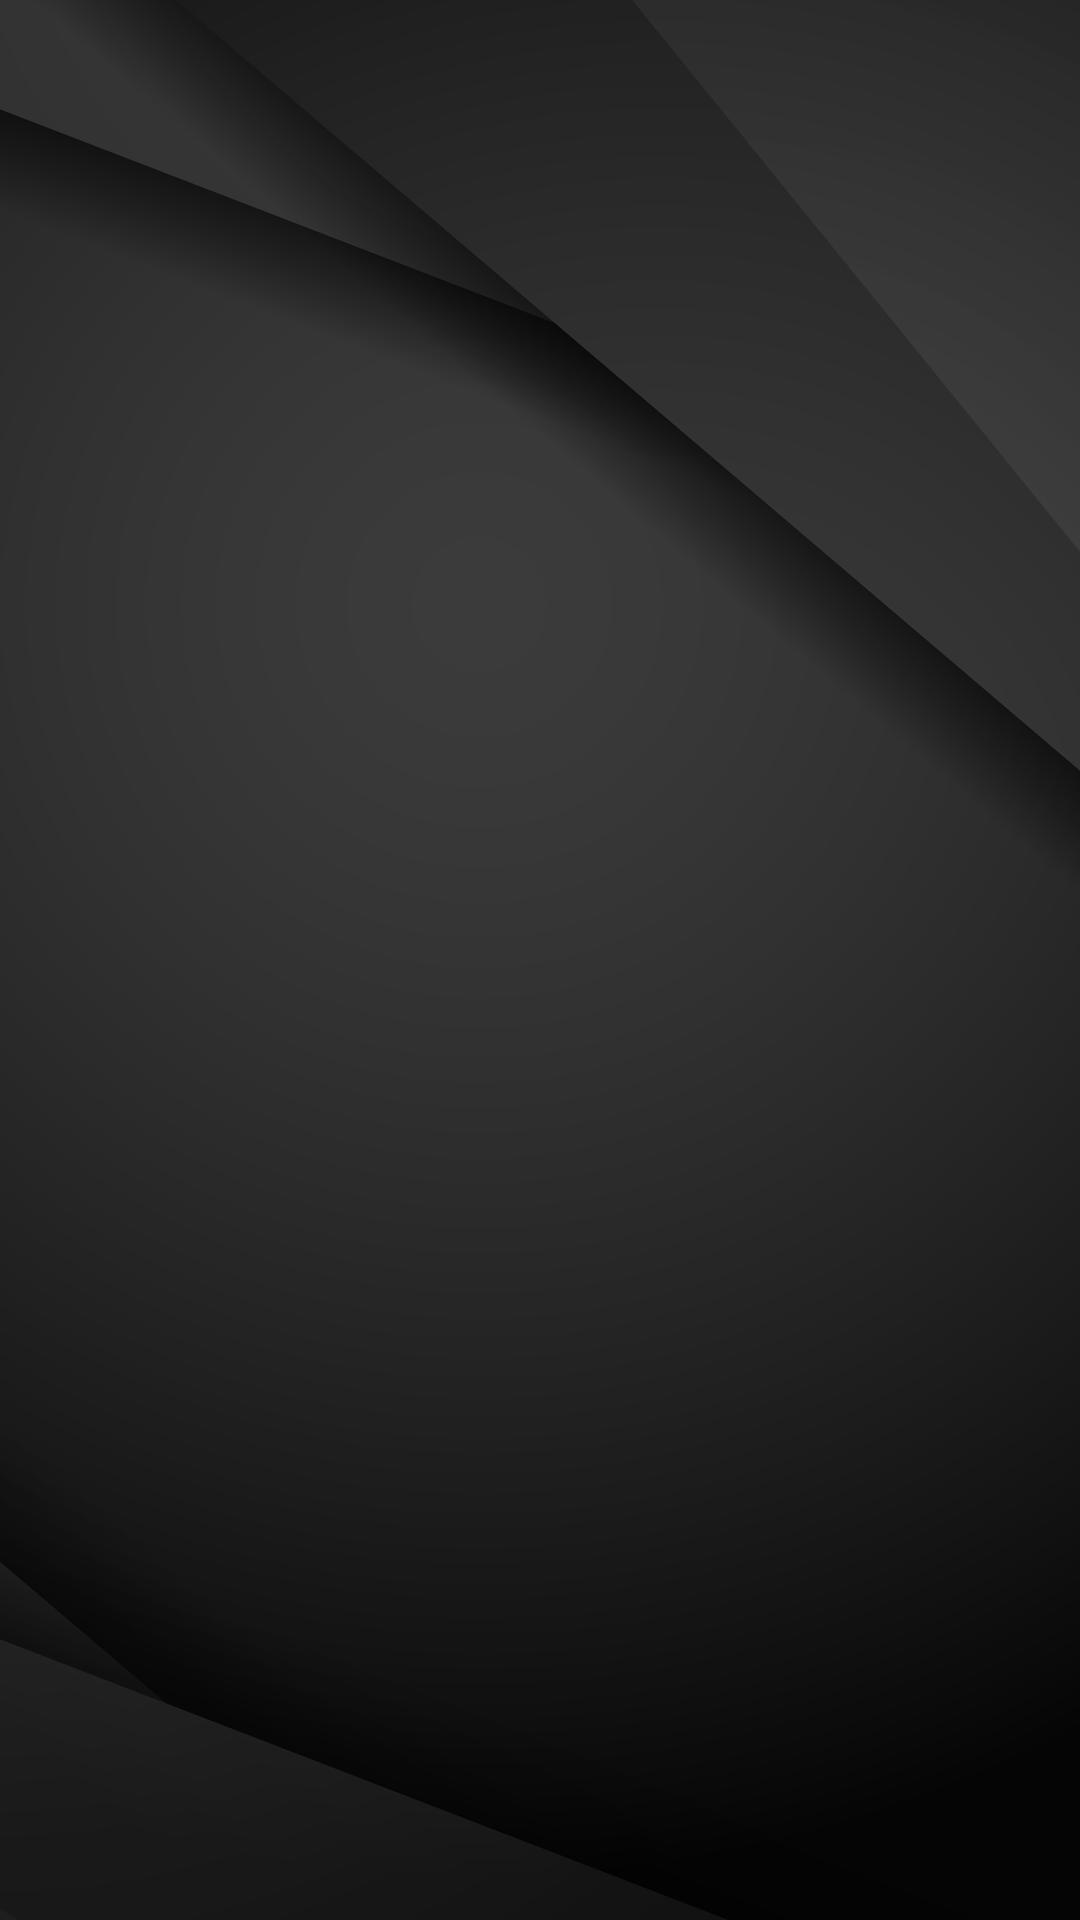 Mobile Hd Dark Wallpapers Wallpaper Cave